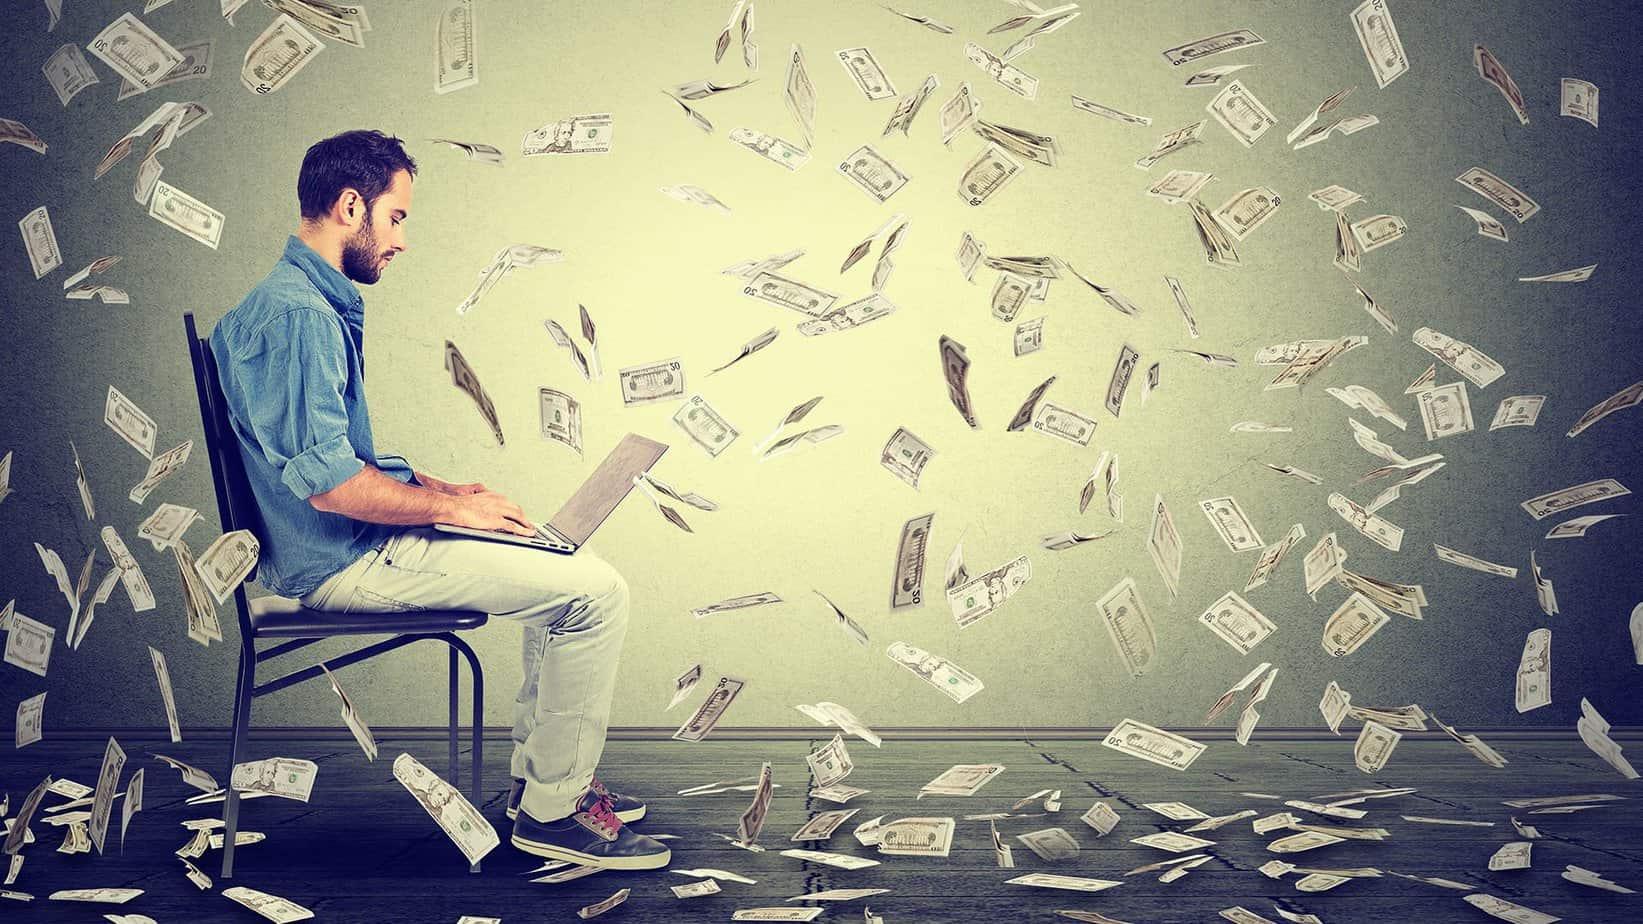 Jak vydělat milion na internetu? Těchto 10 věcí z vás udělá milionáře.